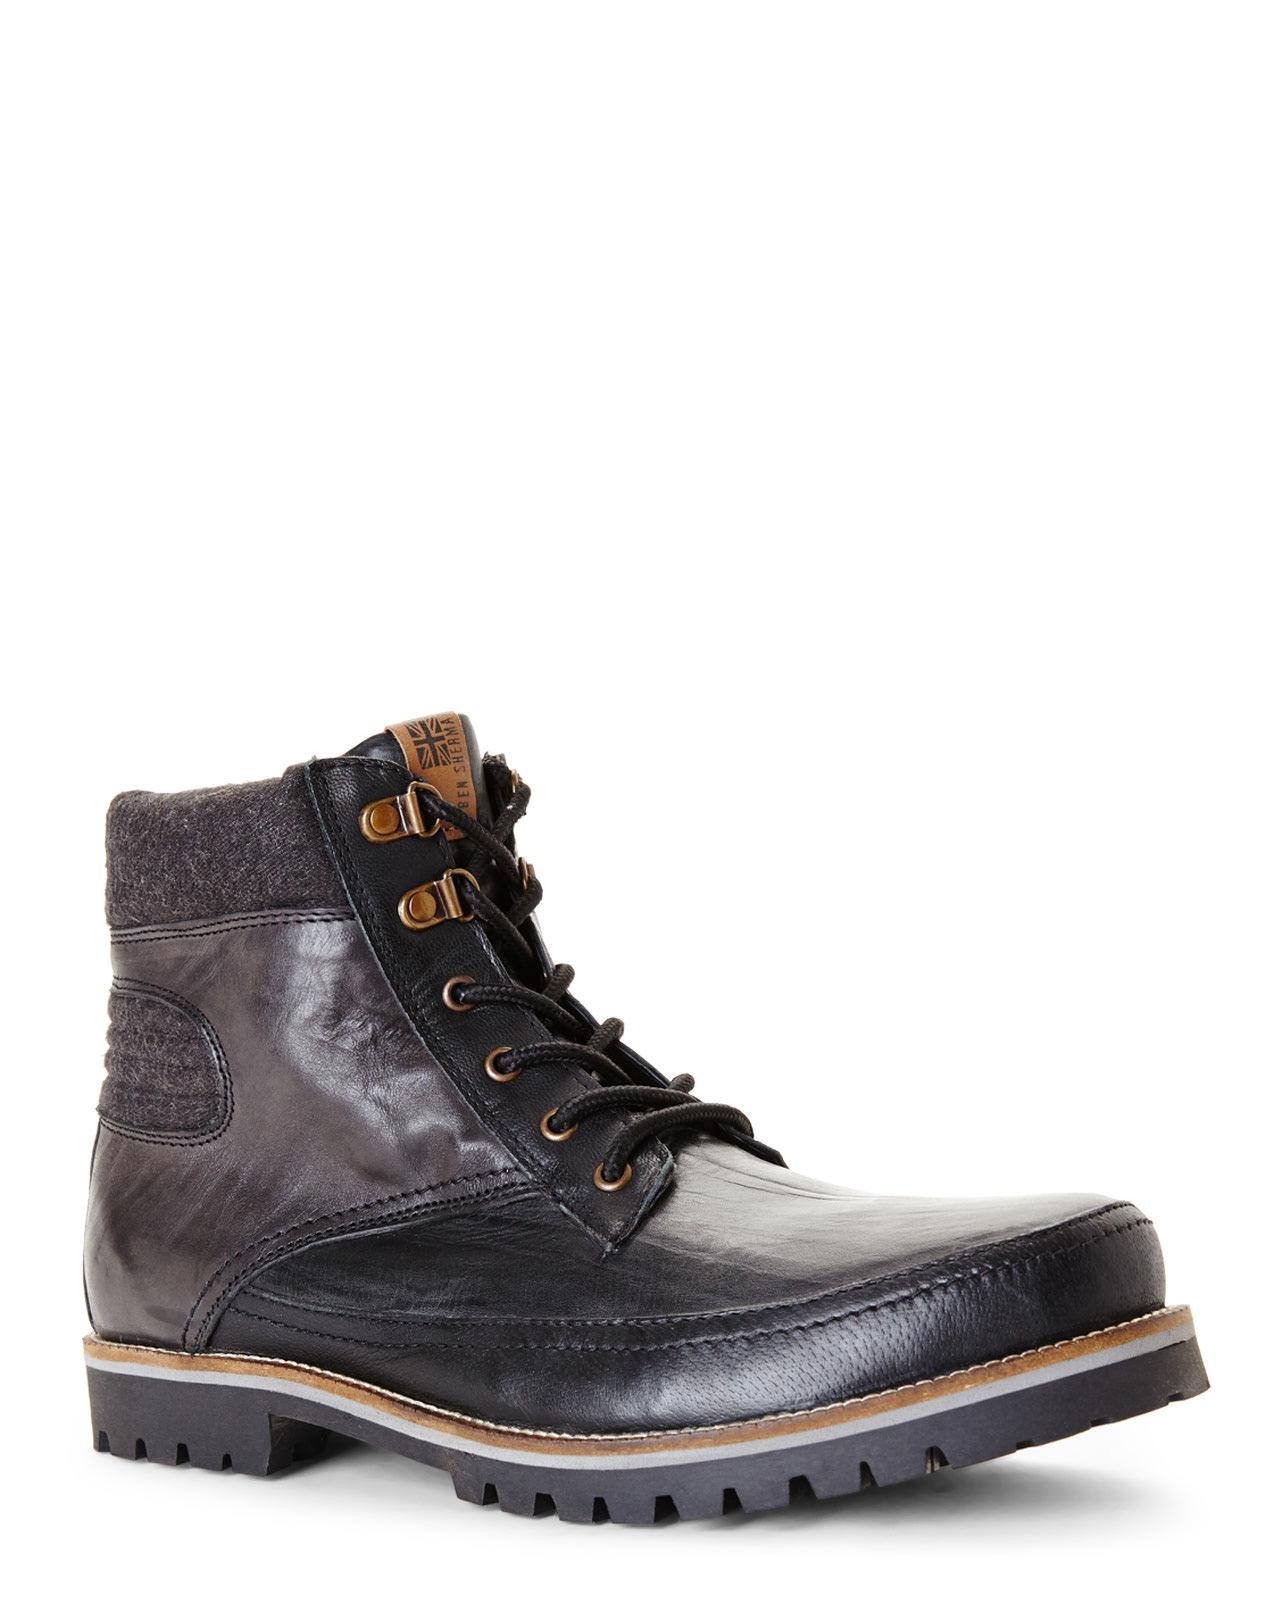 Ben Sherman Boou Shoes Black